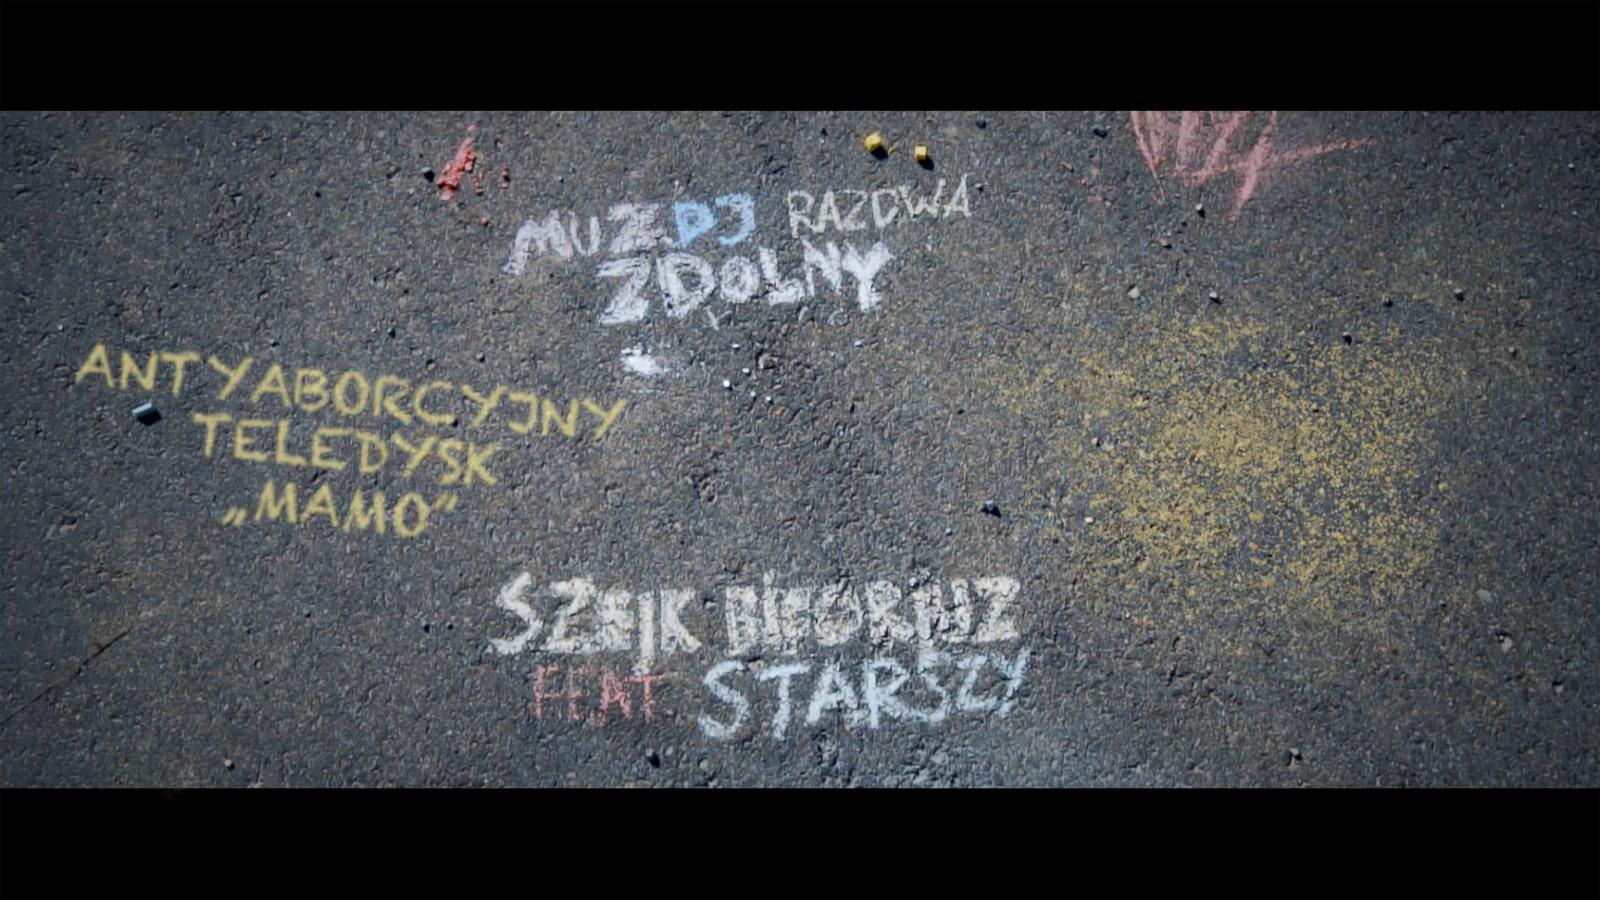 Szejk Biforjuz - Mamo / teledysk